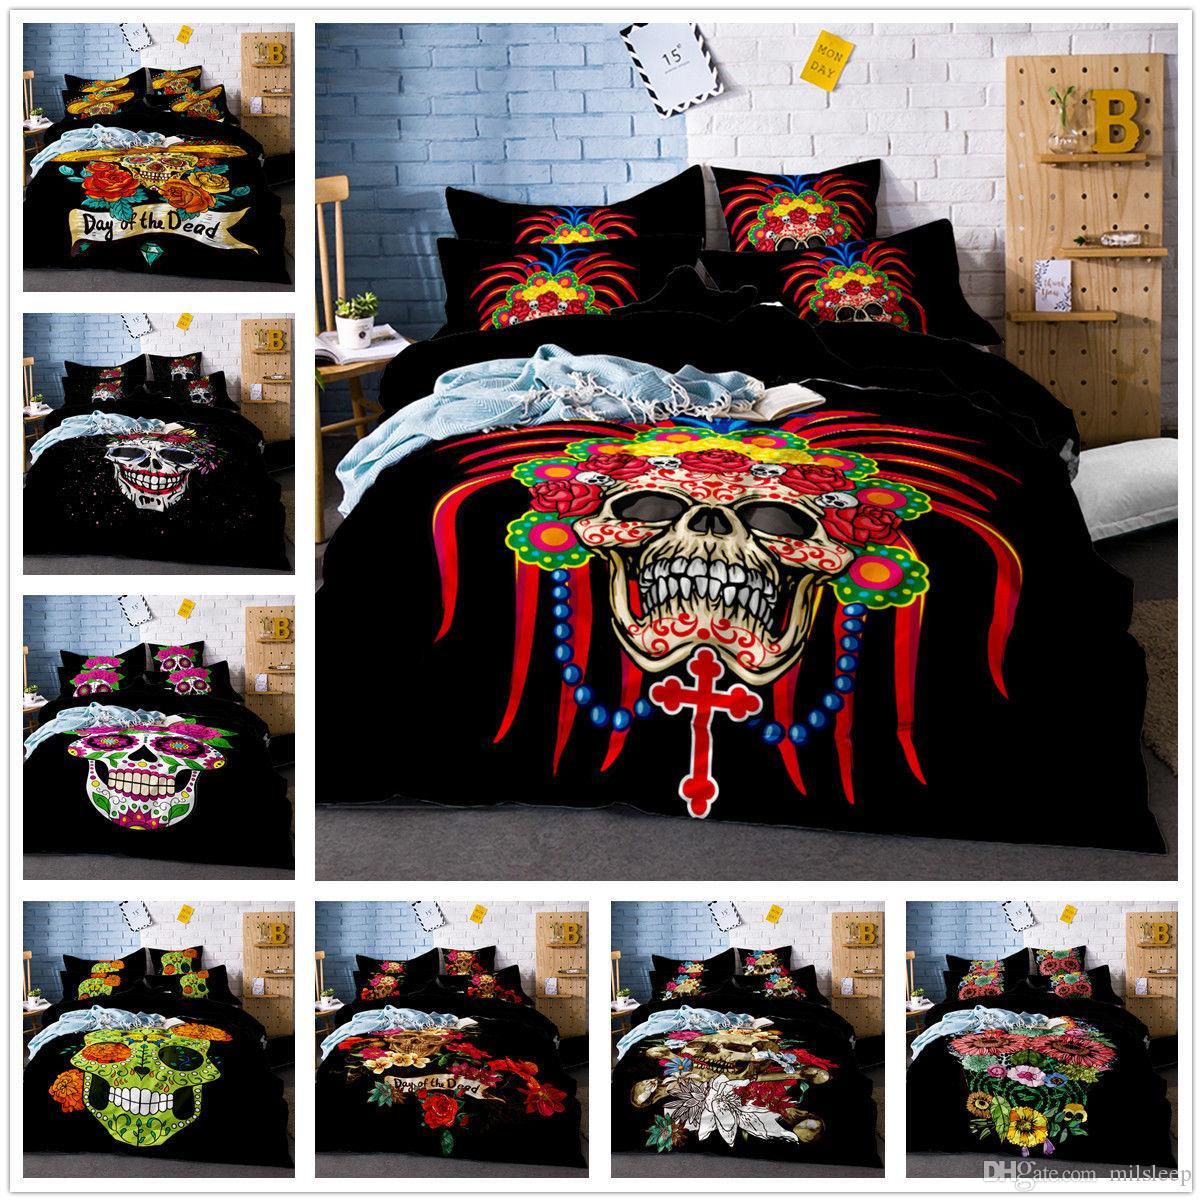 3D Halloween Bedding Set Skull Rose Duvet Cover Quilt Cover Pillowcase Set Black